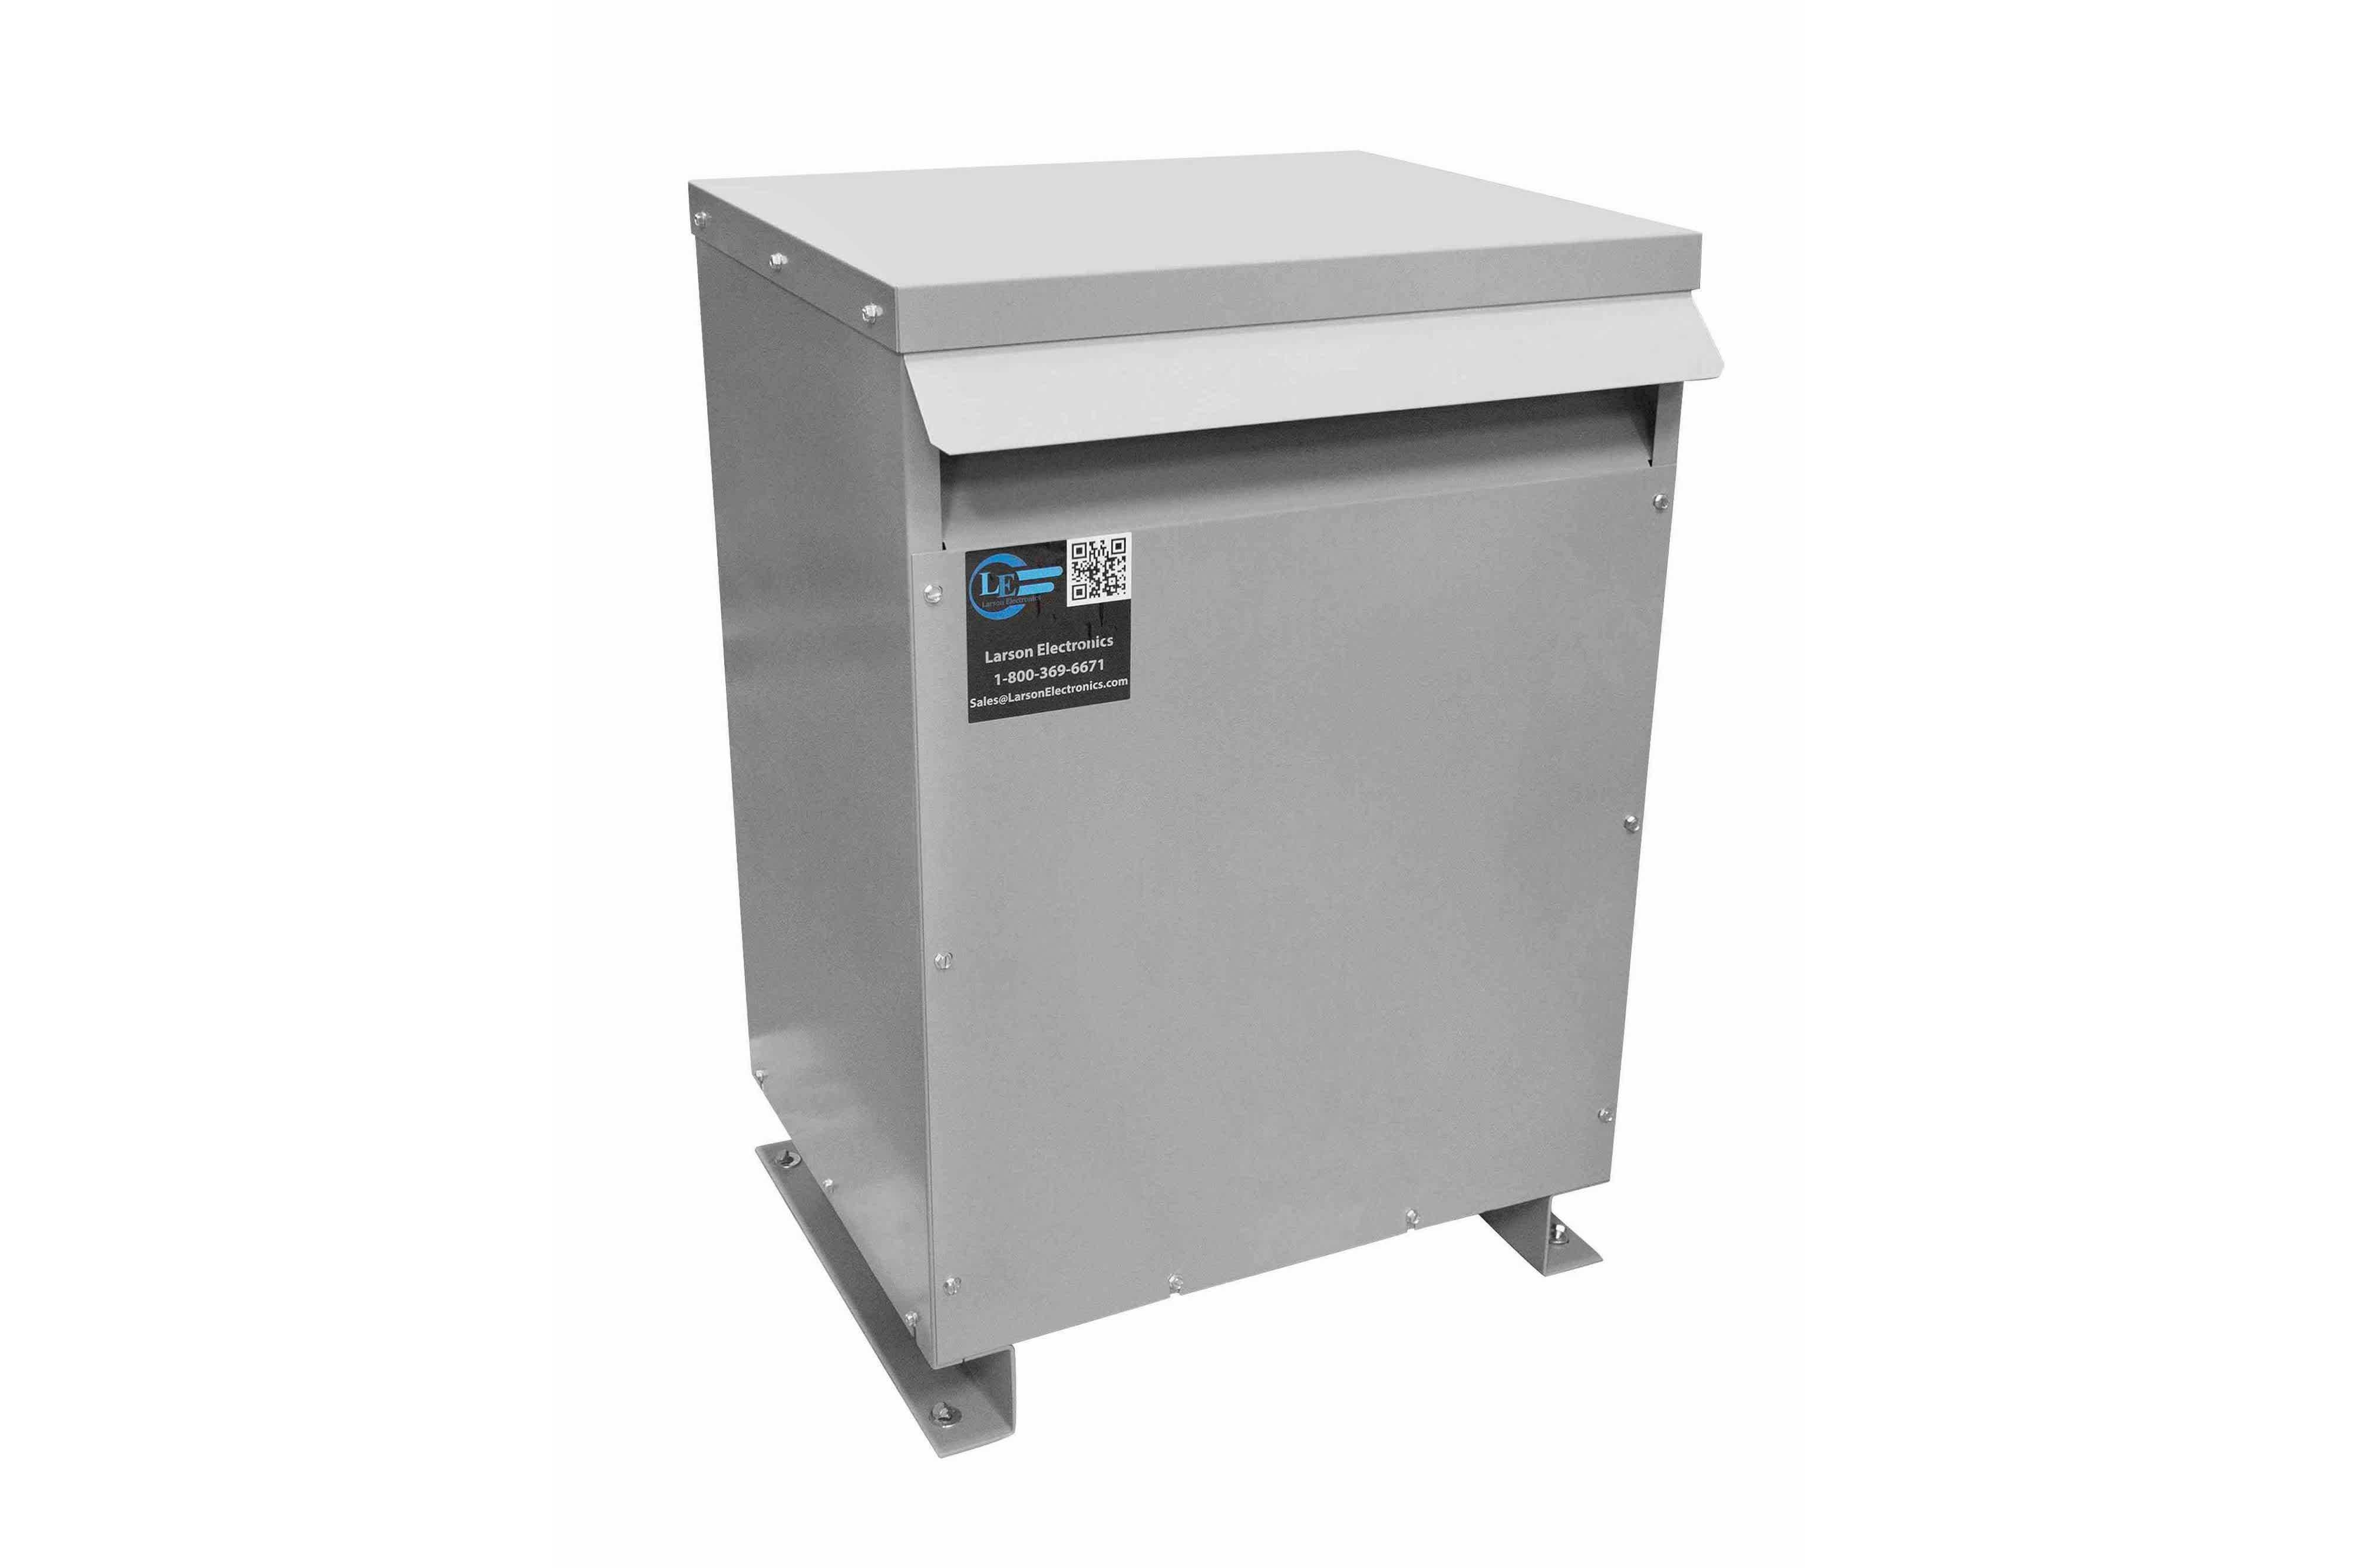 75 kVA 3PH Isolation Transformer, 415V Delta Primary, 600V Delta Secondary, N3R, Ventilated, 60 Hz